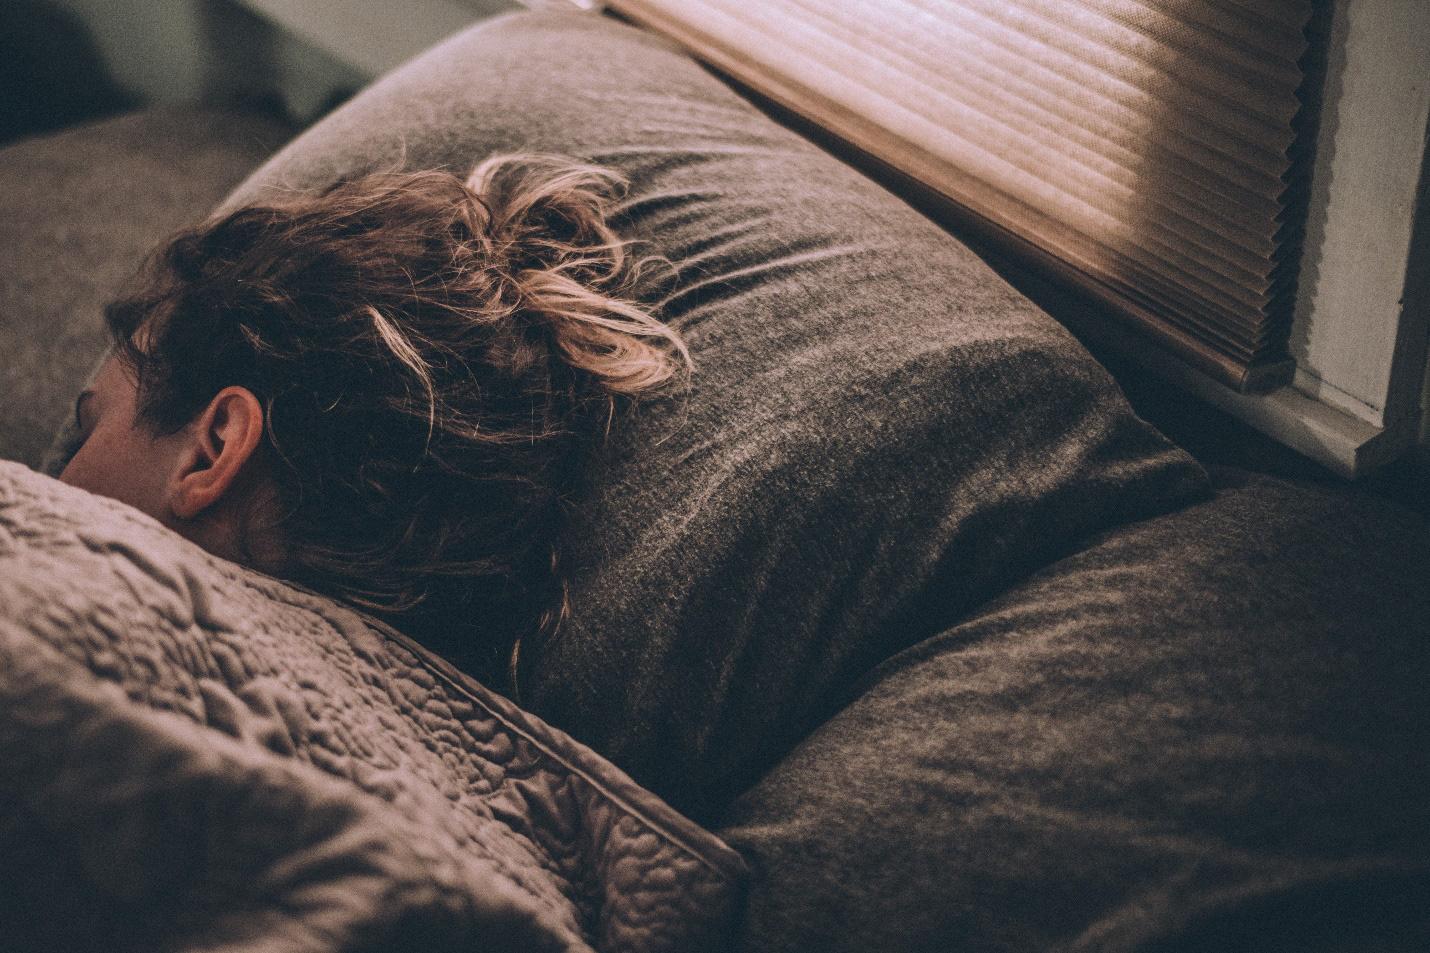 Giảm cân bằng giấc ngủ: Vừa giữ dáng vừa tốt cho sức khỏe - Ảnh 3.